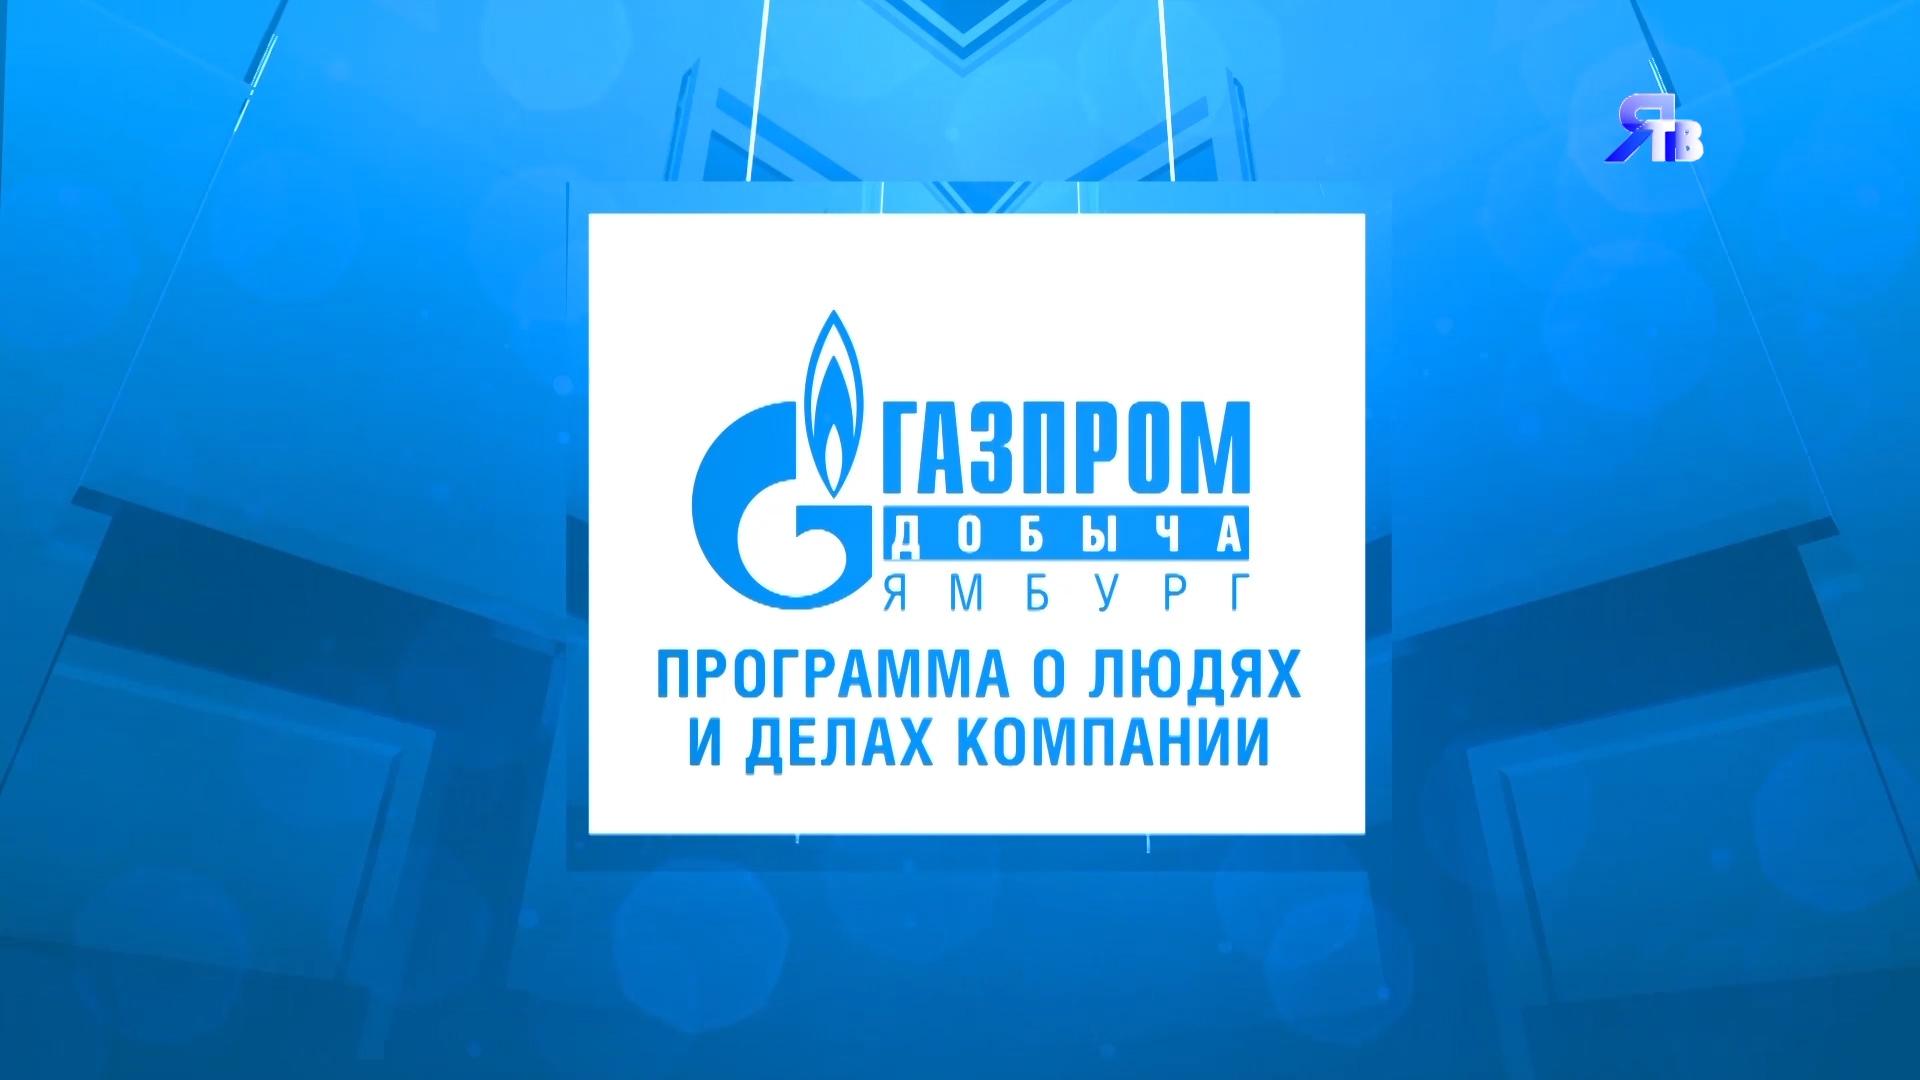 Газпром добыча Ямбург. Заставка 16x9